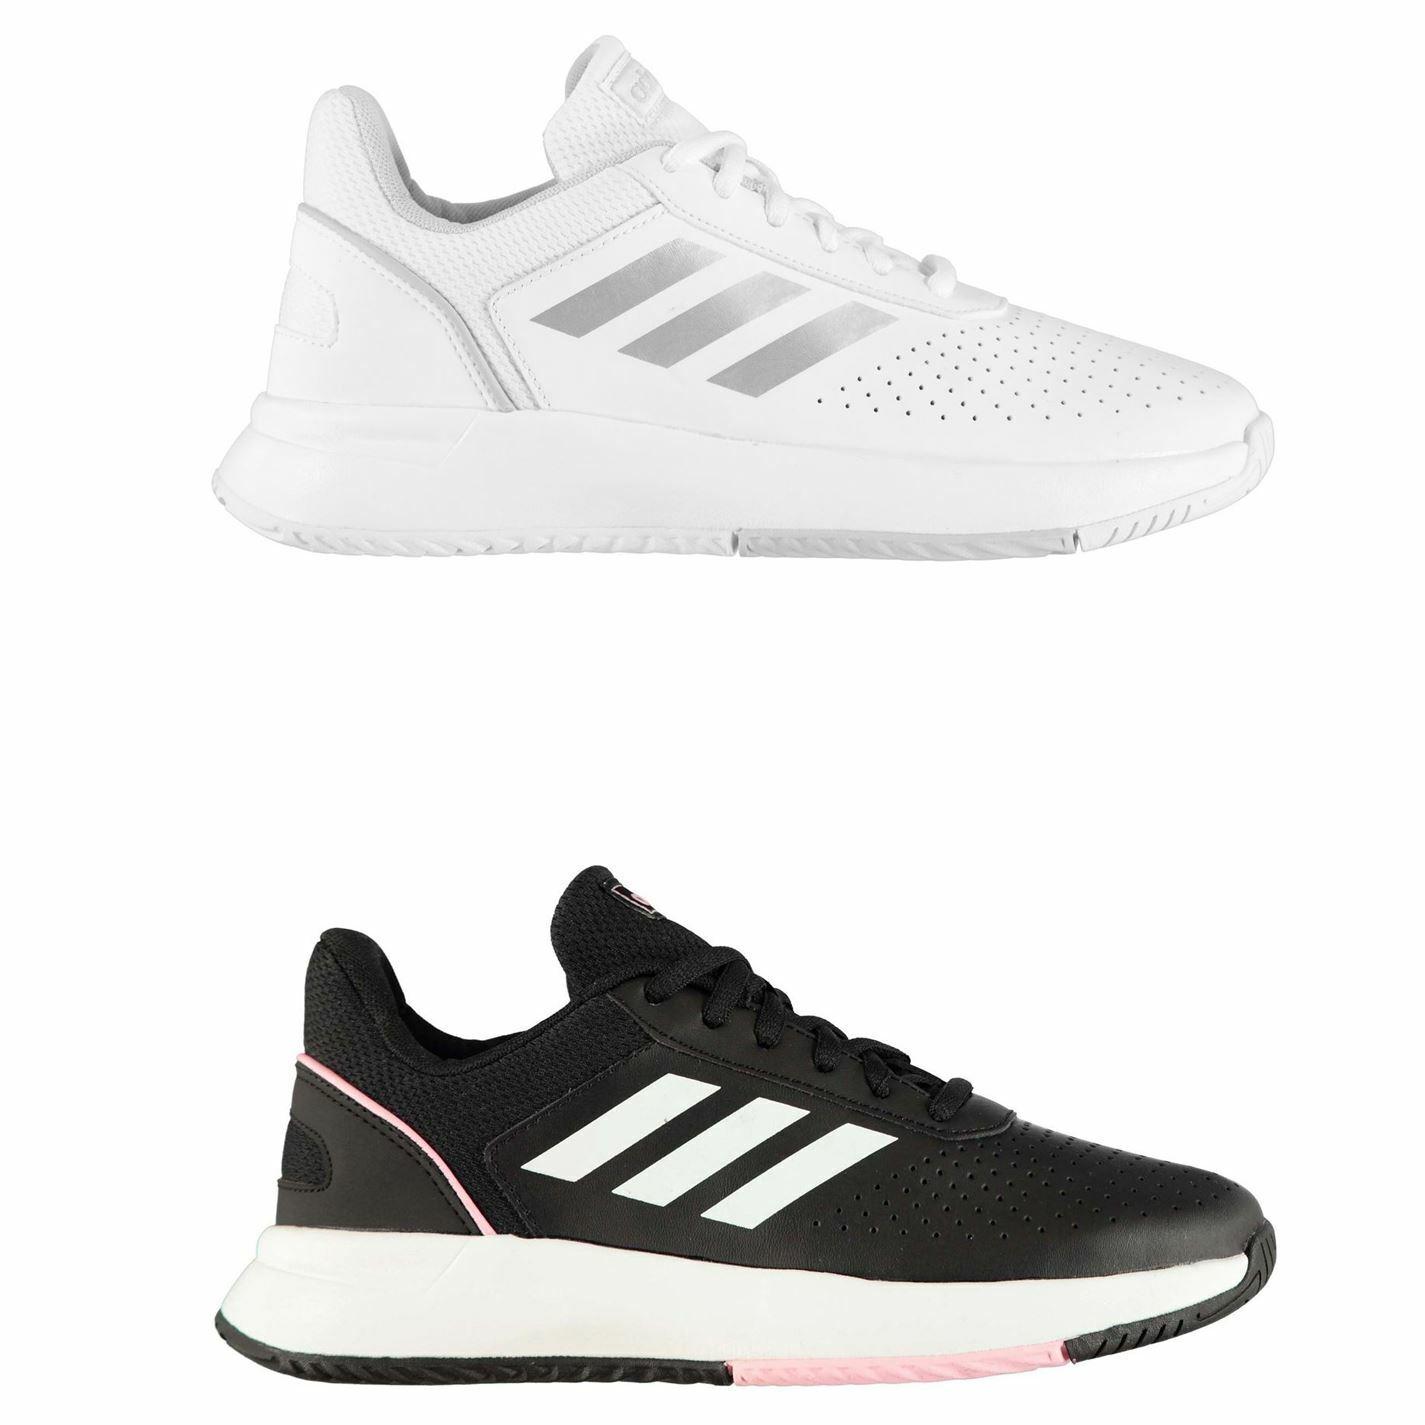 Adidas Courtsmash Tennis schoenen Womannens Trainers Ladies Sports Footwear